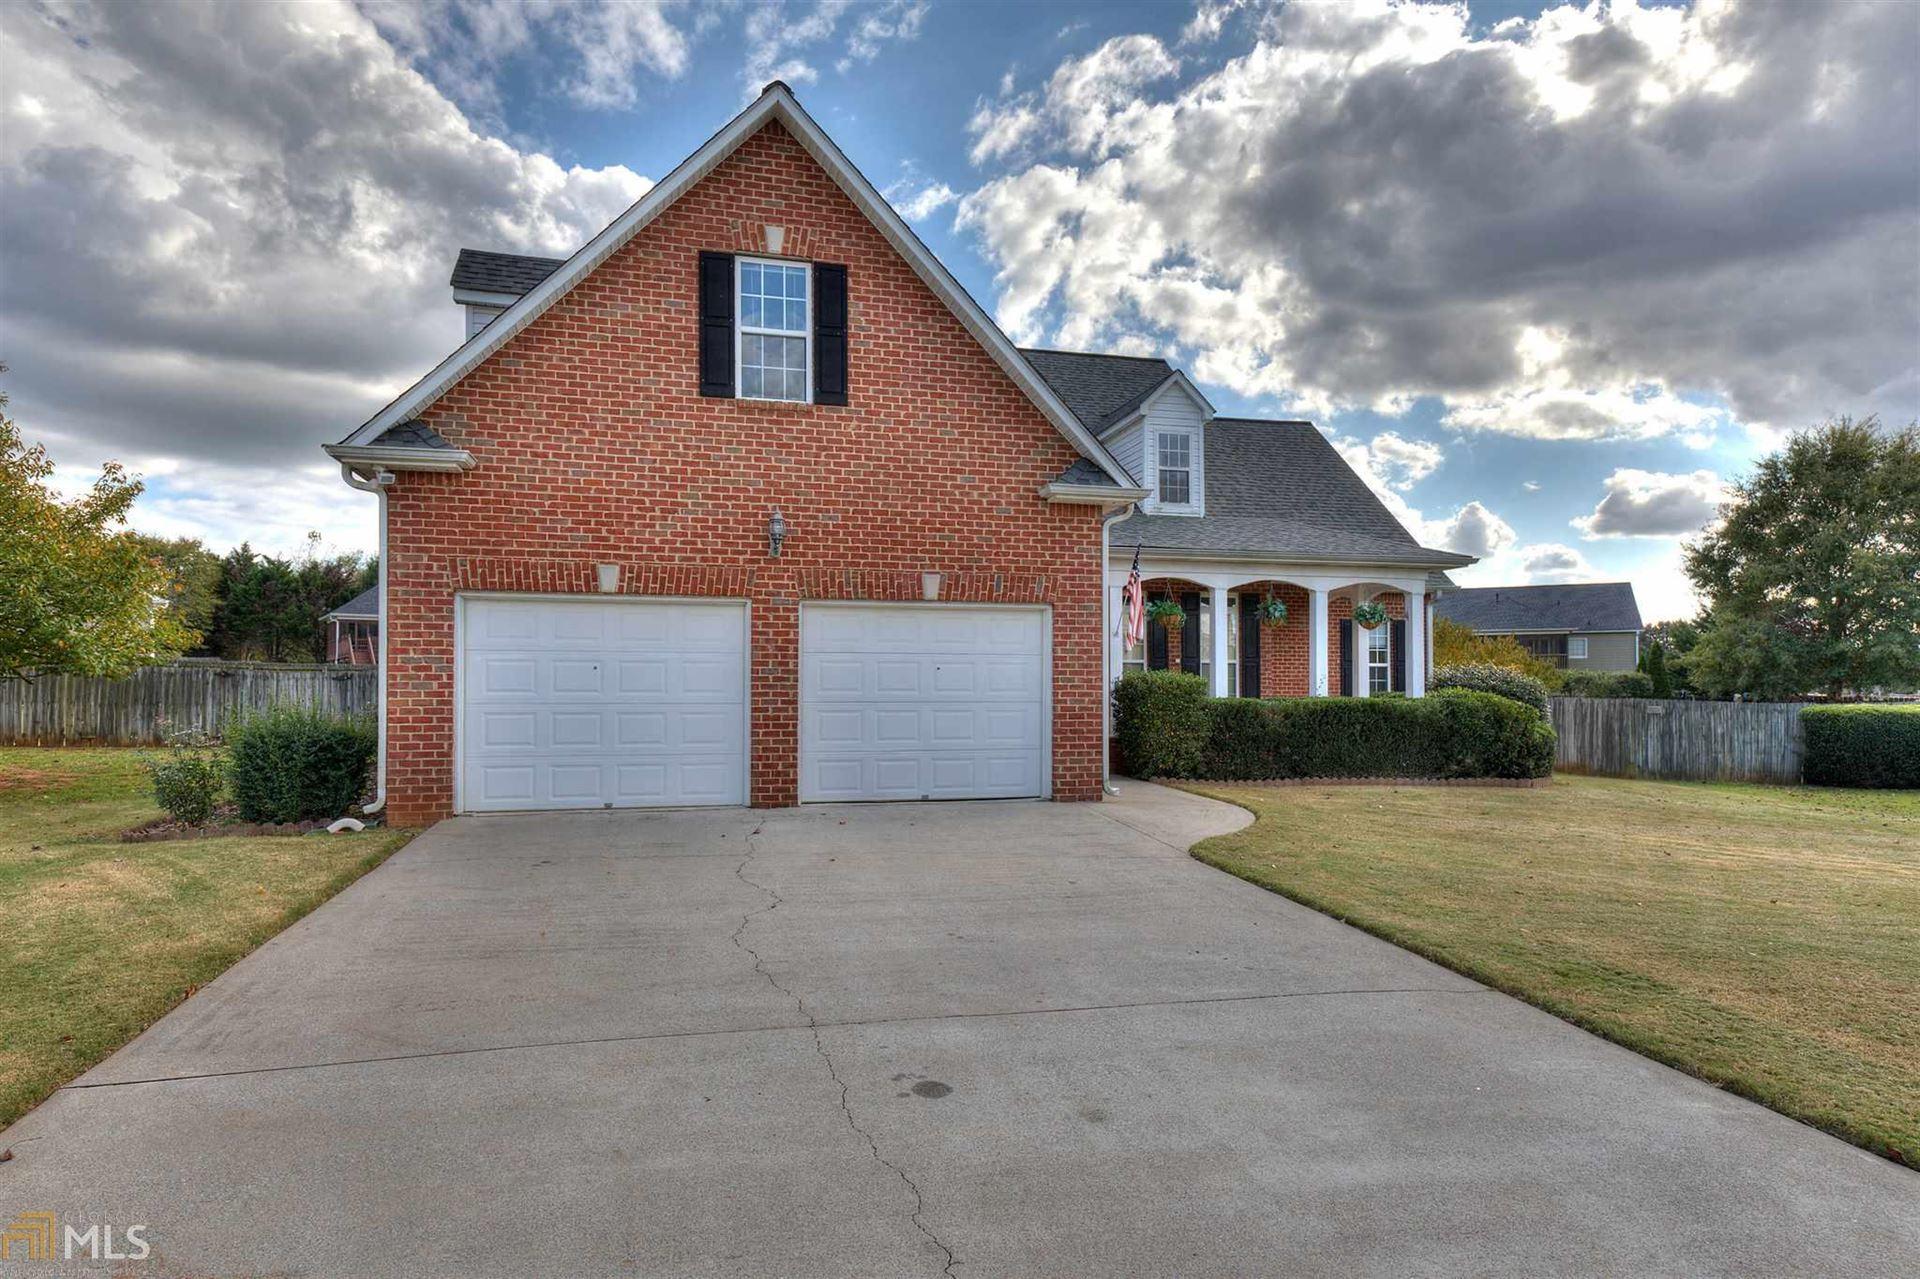 16 Clark Way, Cartersville, GA 30120 - MLS#: 8878679